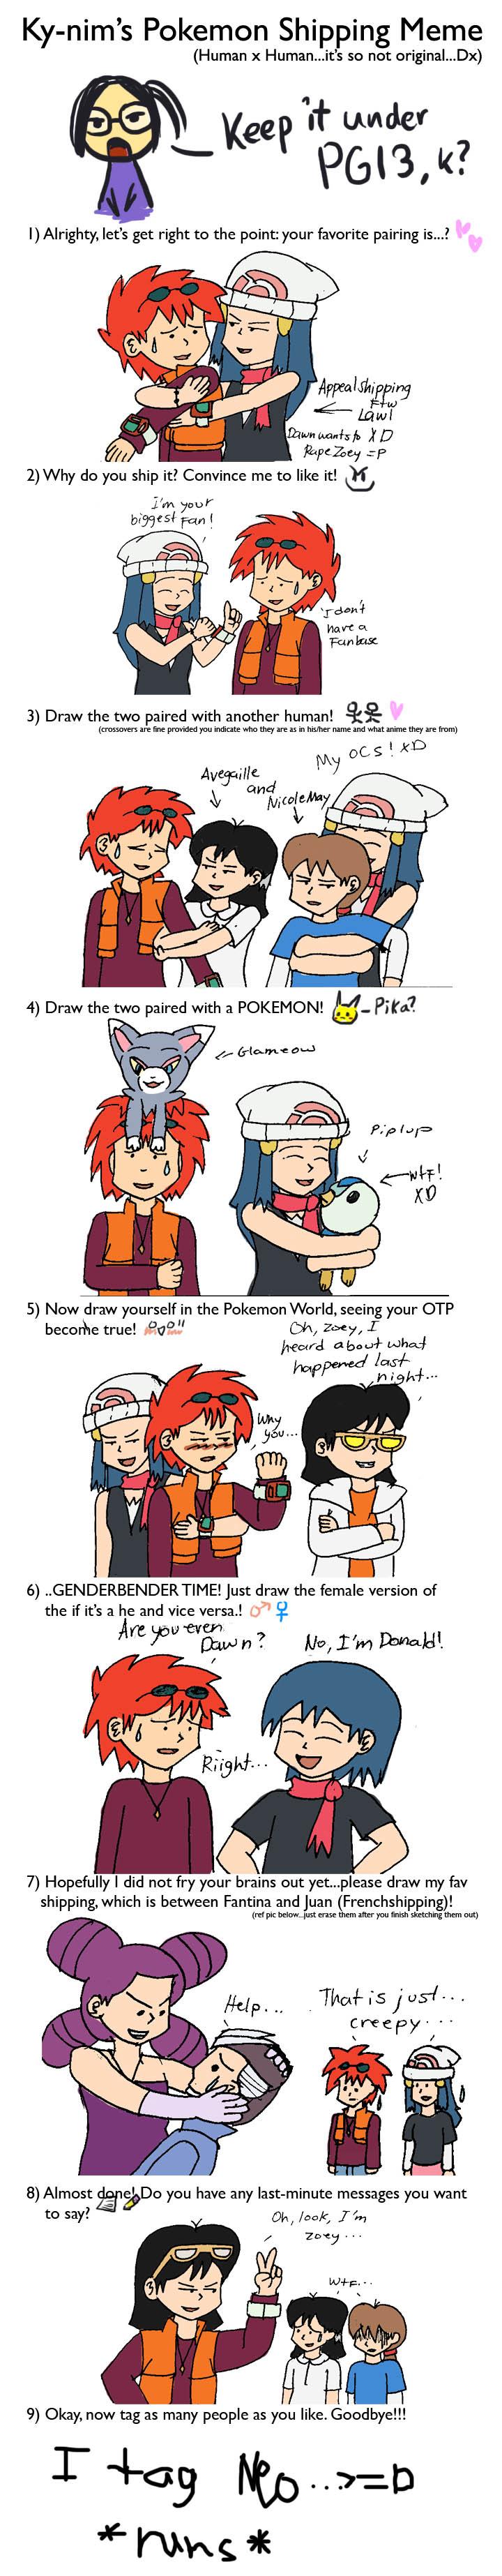 dirty pokemon memes - photo #36